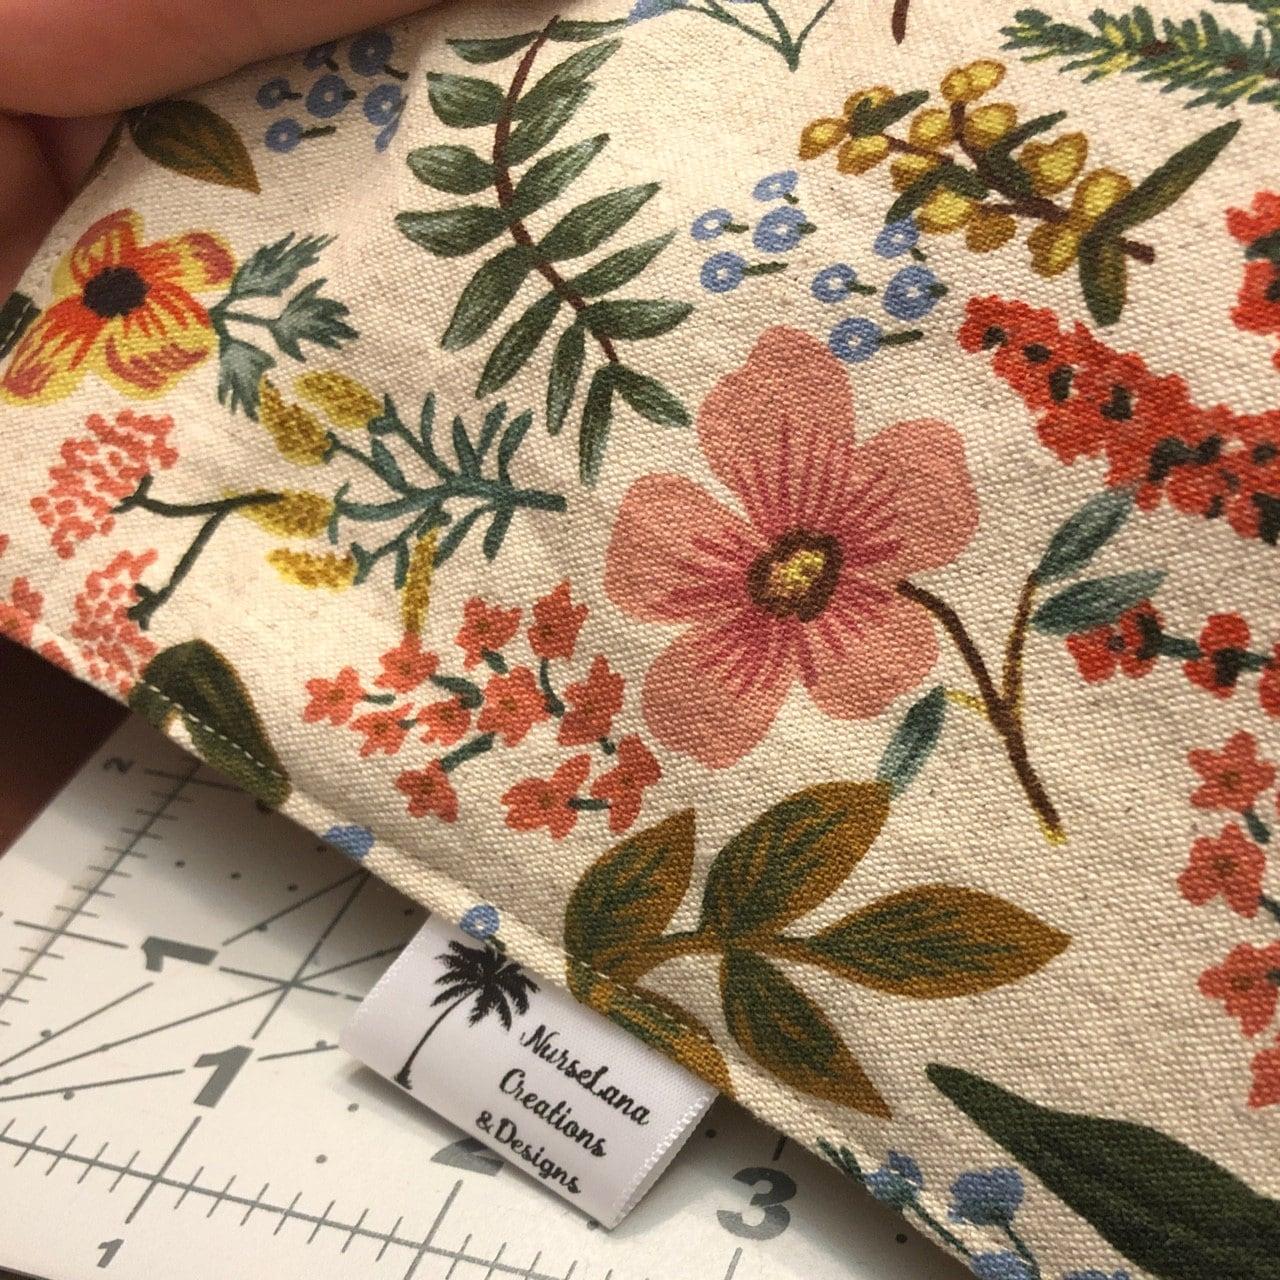 Lana Kovalik-Perez added a photo of their purchase